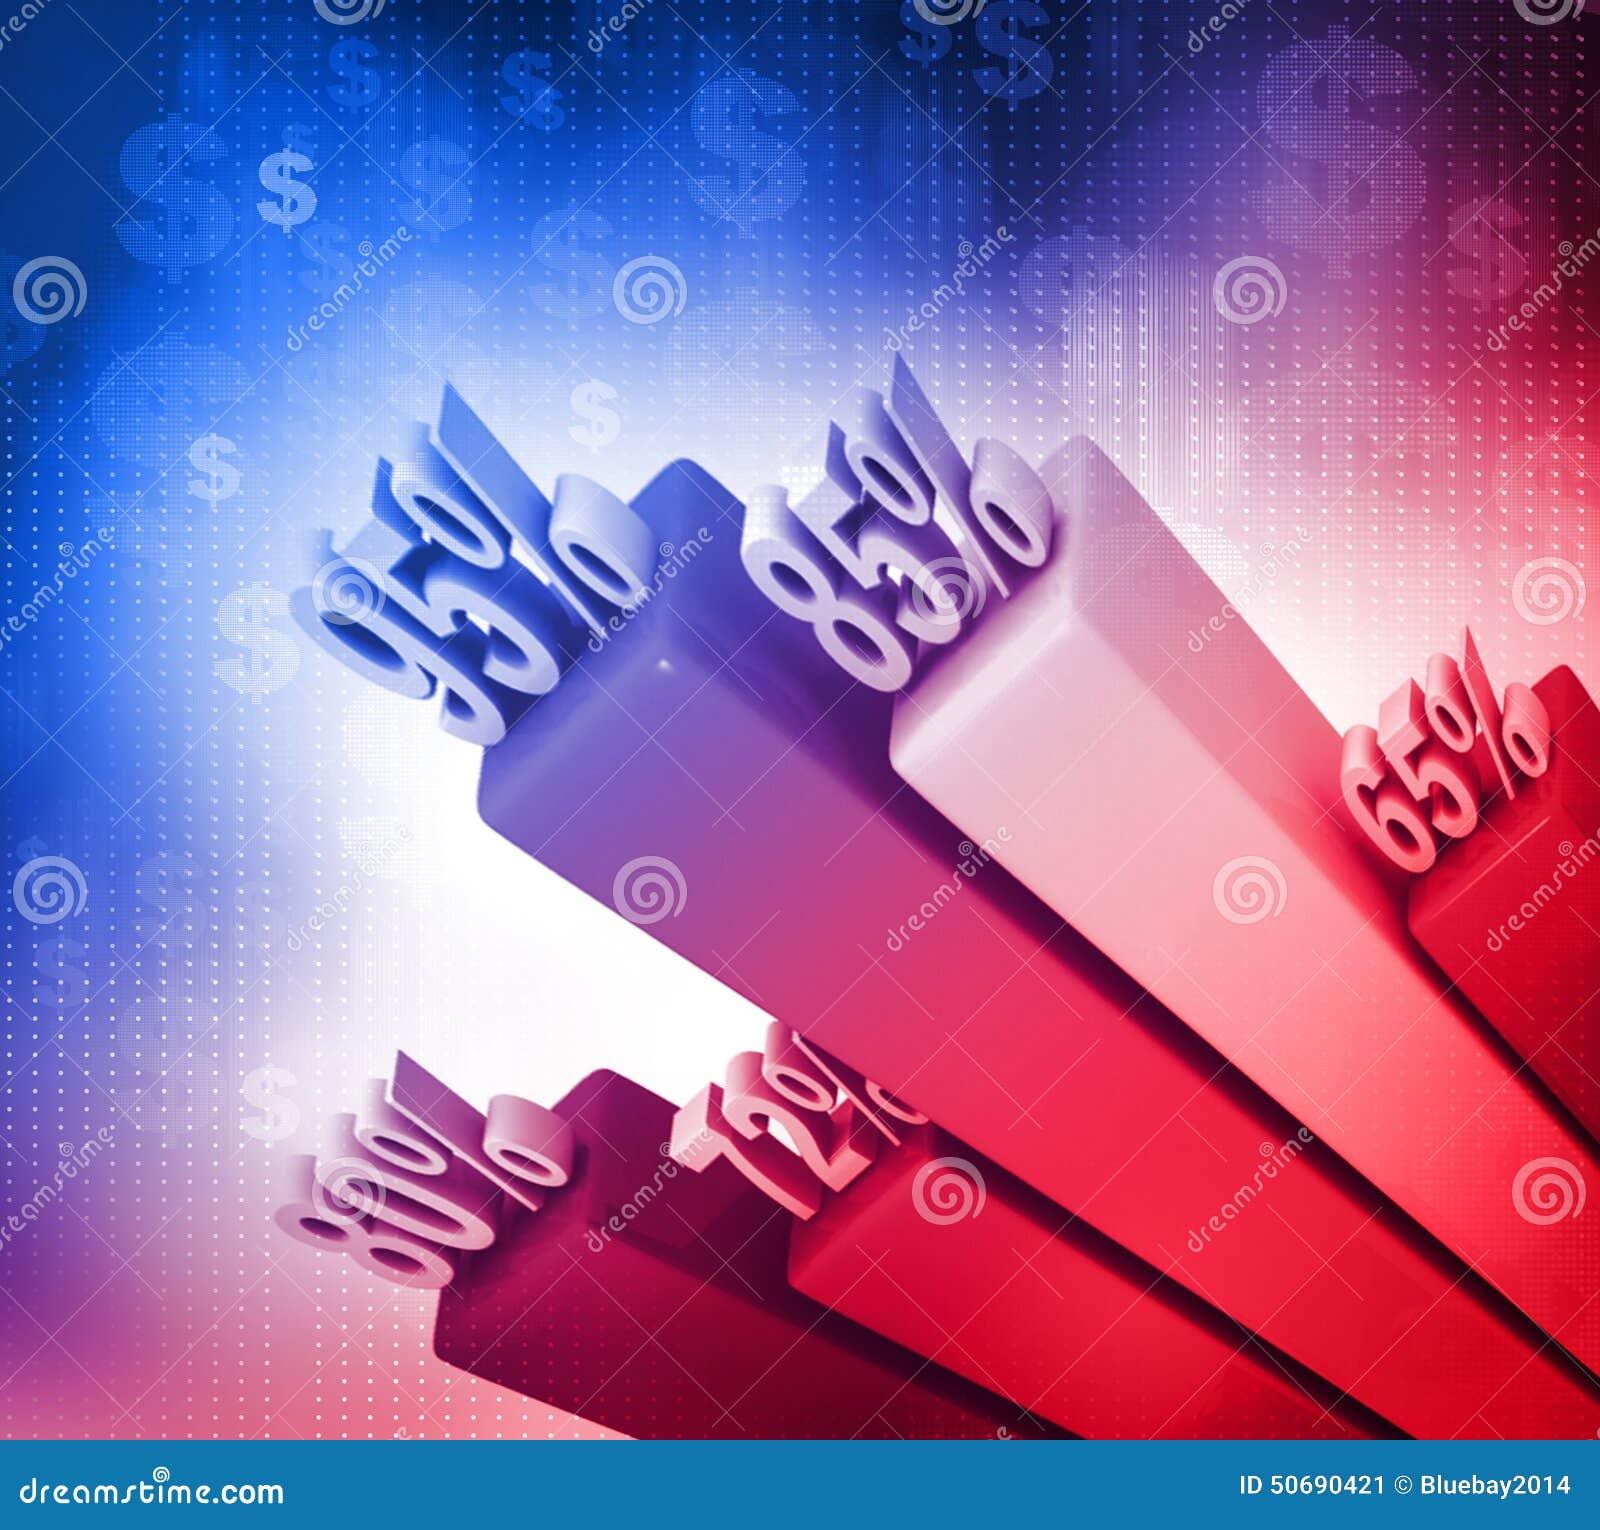 Download 大图形市场计算股票 库存例证. 插画 包括有 信函, 货币, 计划, 商务, 资金, 赊帐, 商业, 投资 - 50690421